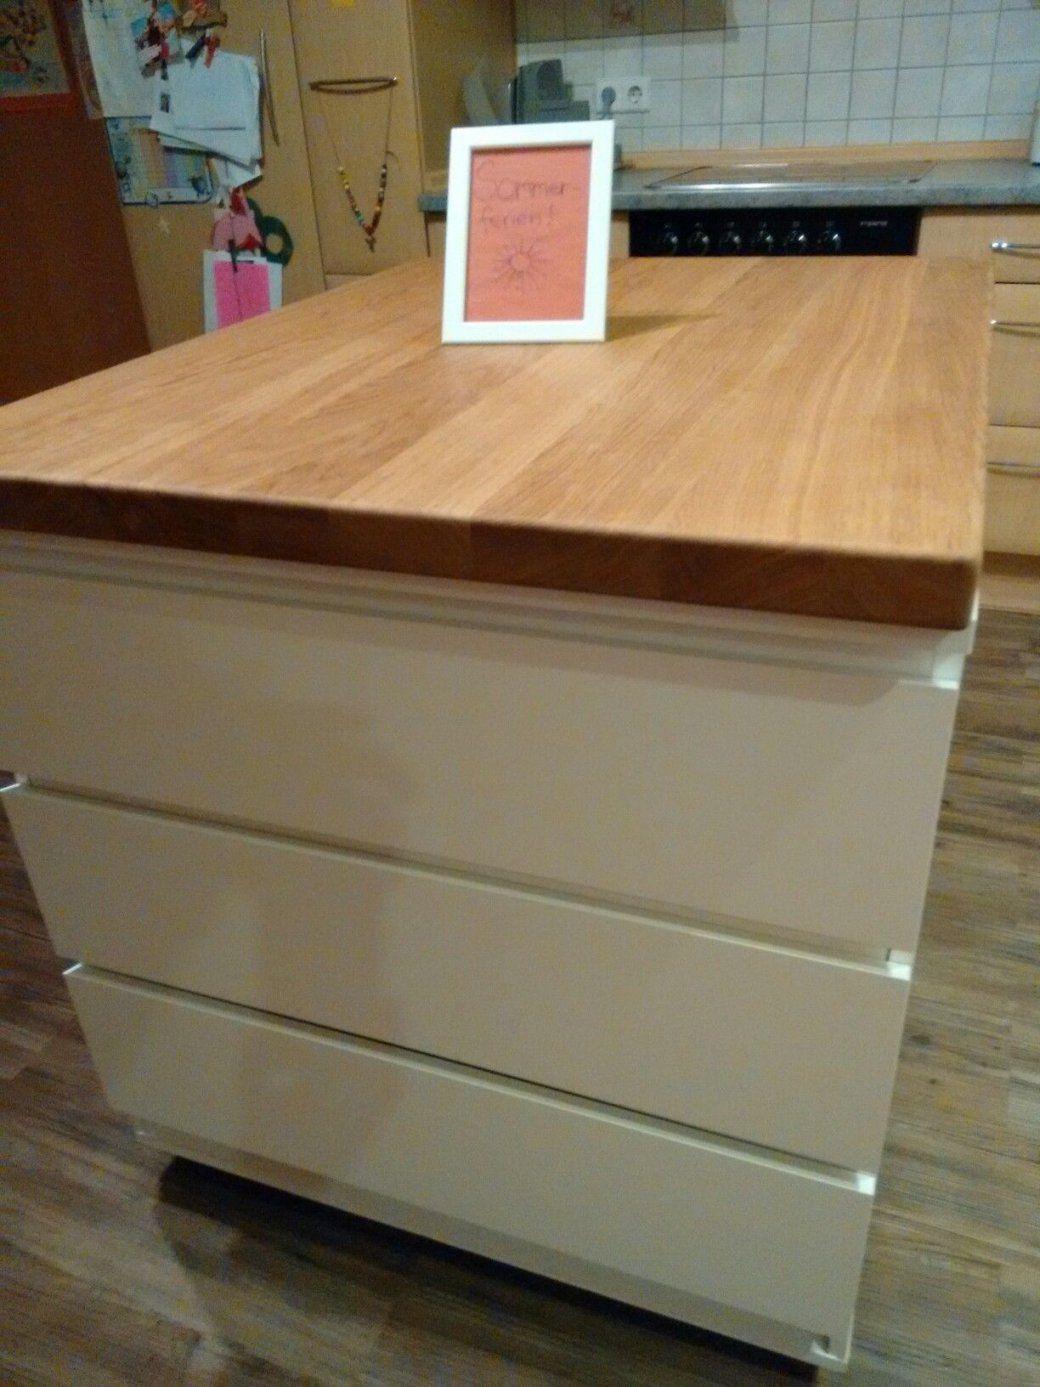 Unsere Neue Kücheninsel Toll Mit 6 Schubladen Günstig Selber Bauen von Kücheninsel Selber Bauen Ikea Photo